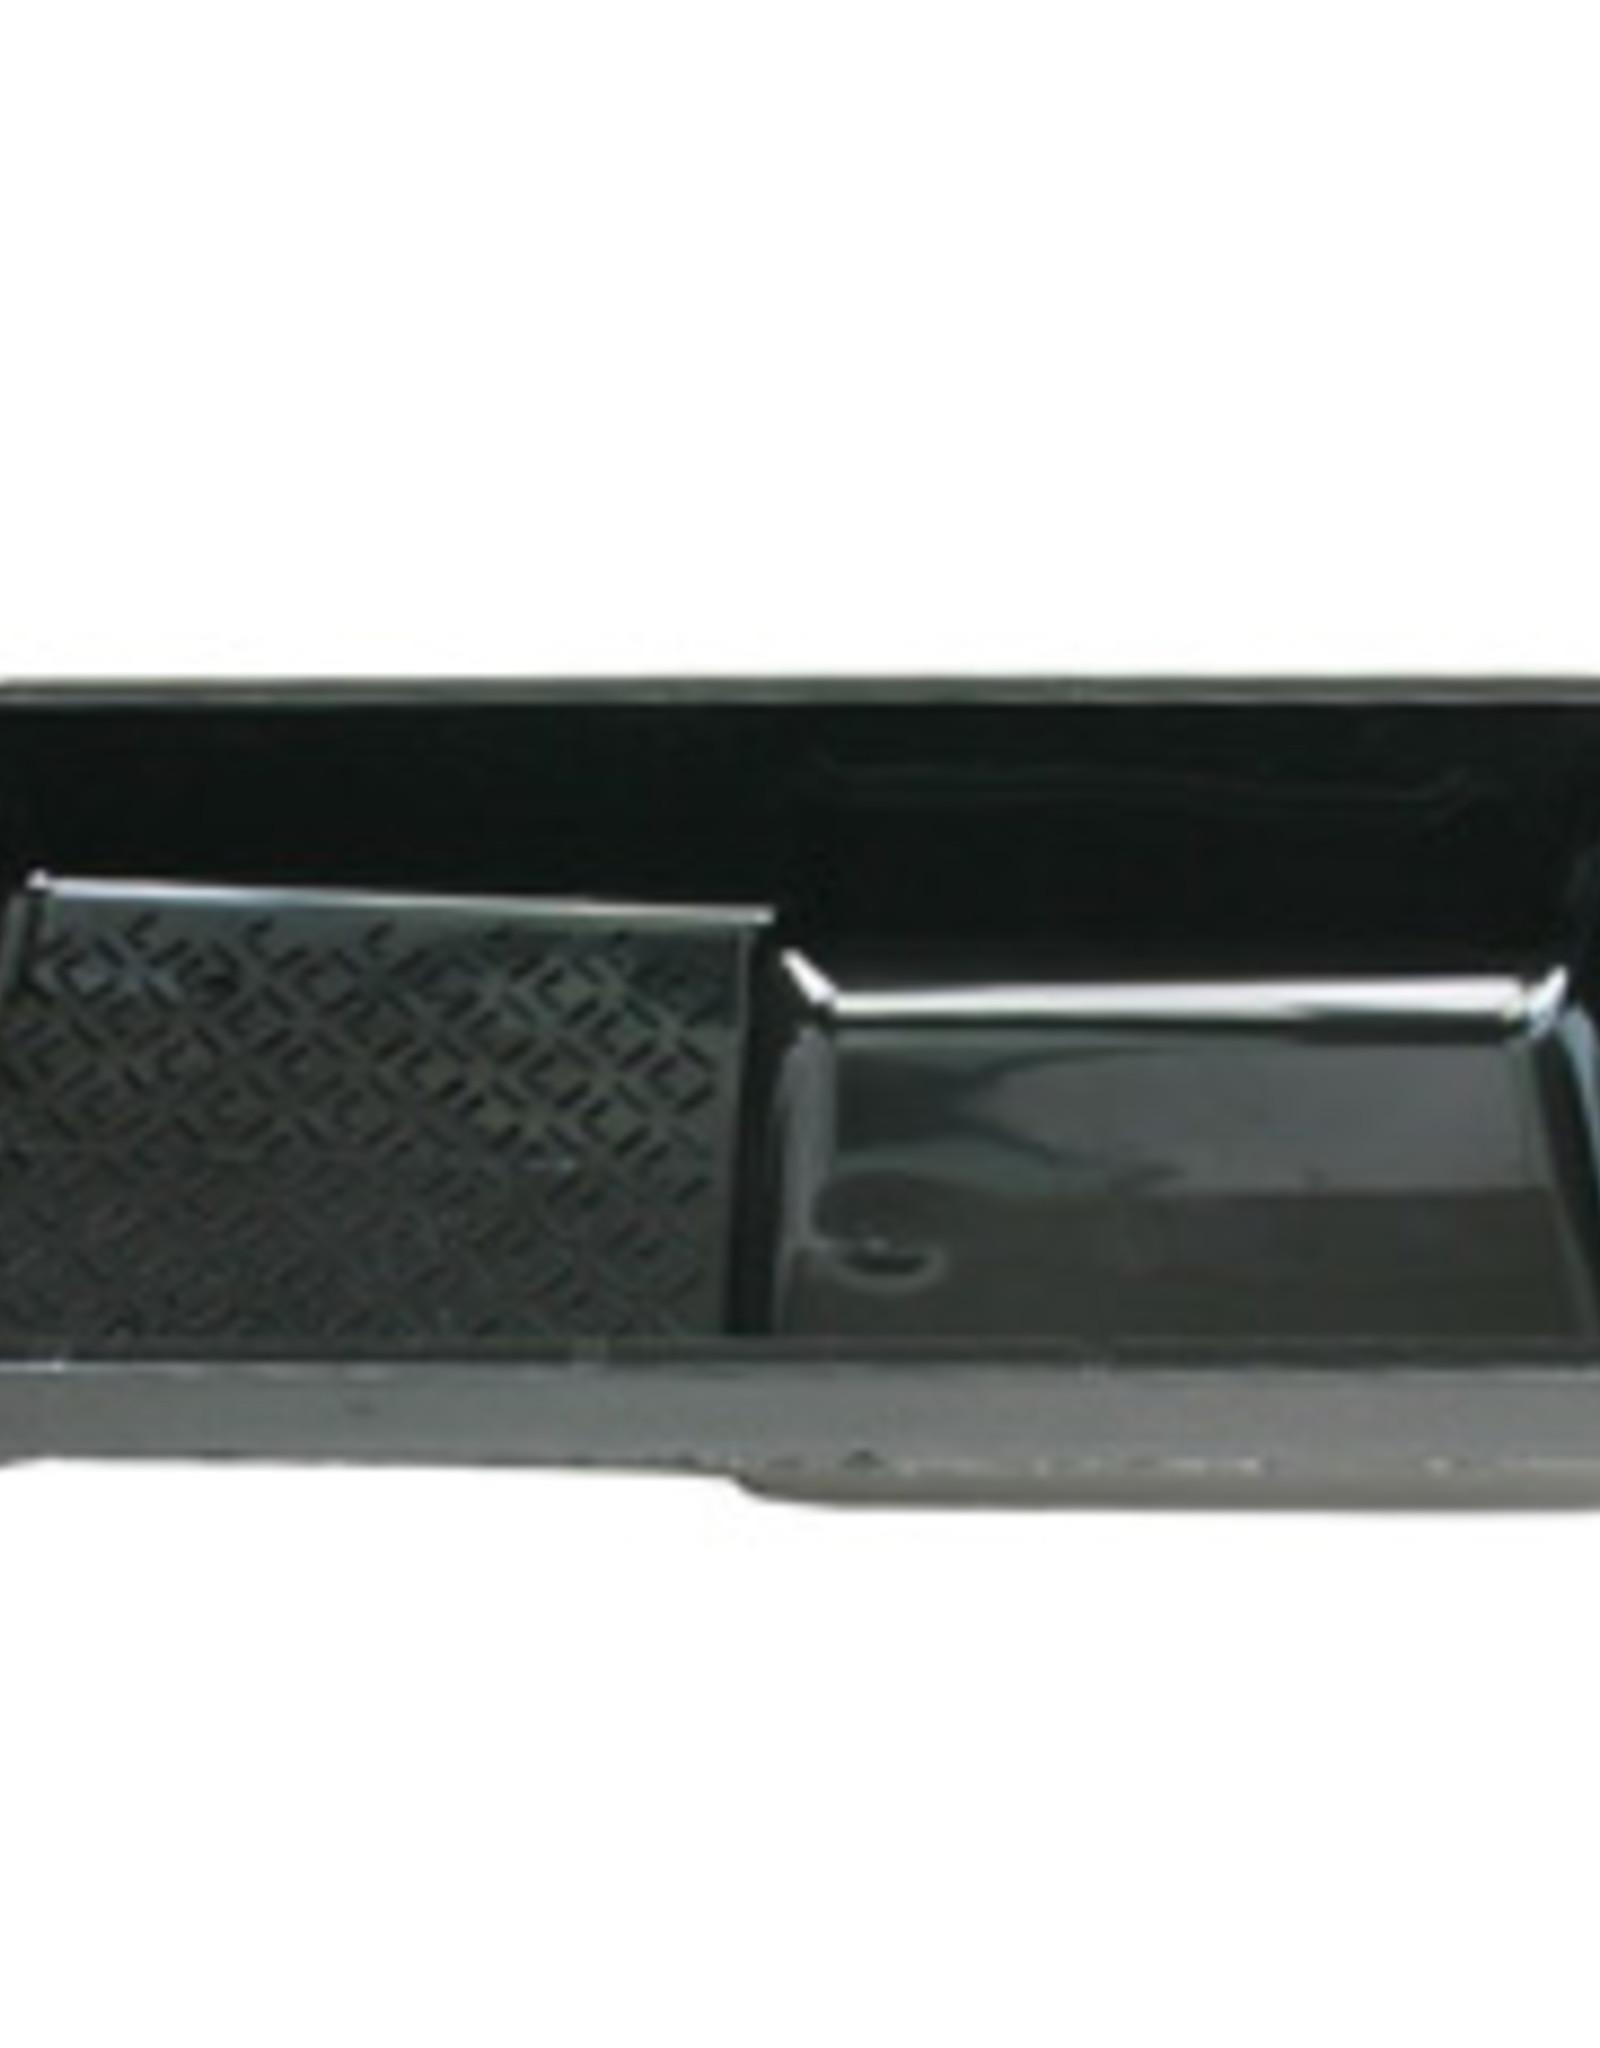 VEBA Met deze verfbak kun je de verf eenvoudig met een roller  verdelen. Verfbakken met resten watergedragen verf graag recyclen bij het plastic.